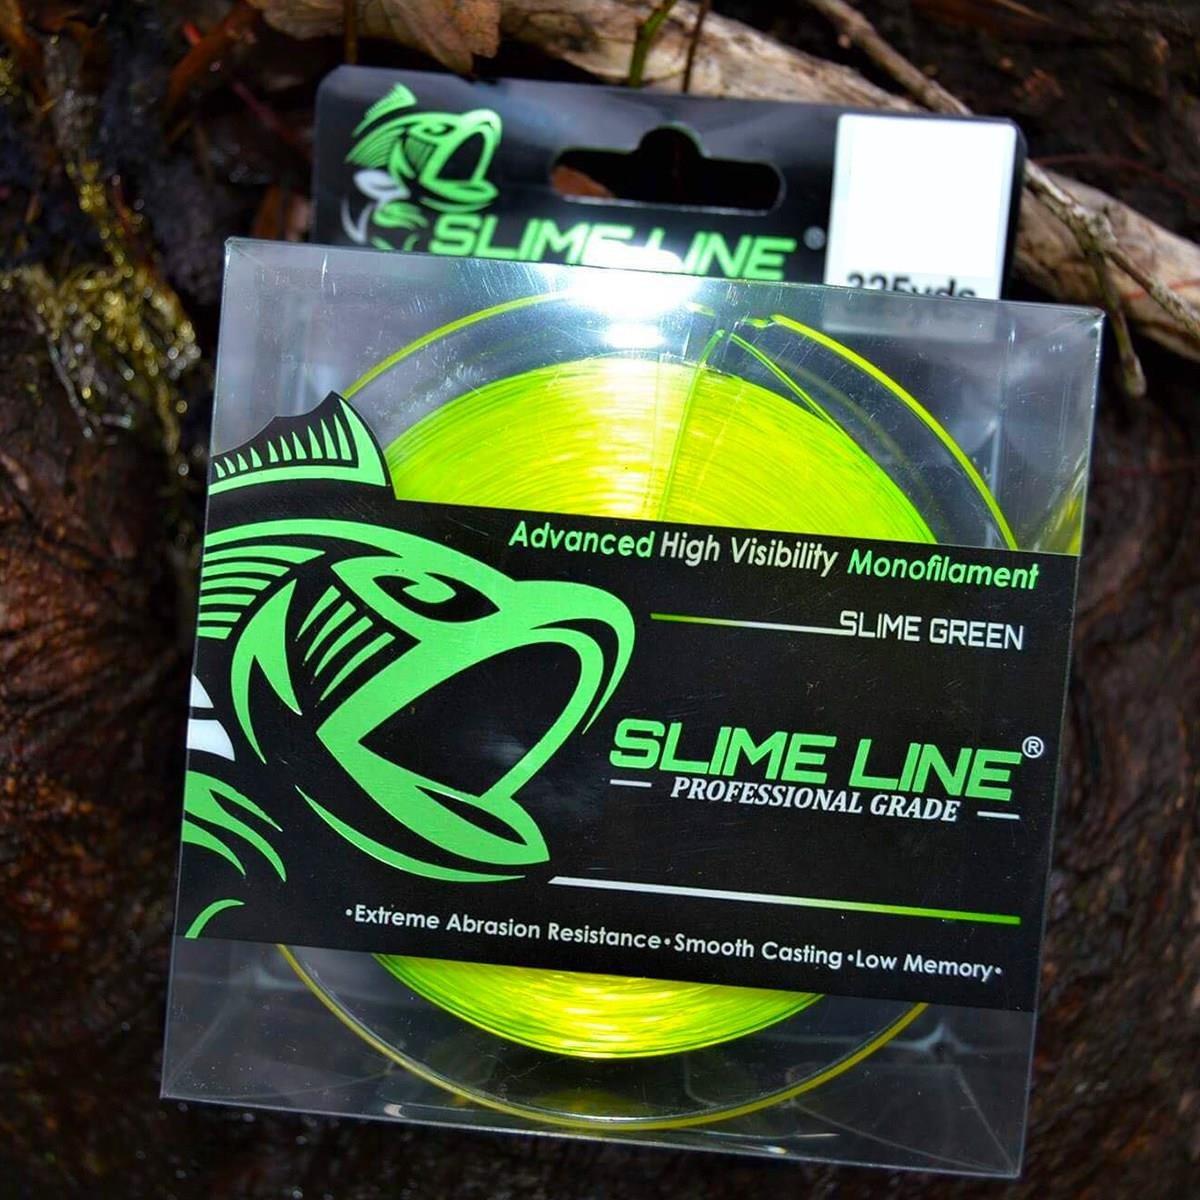 【楽天カード分割】 Catch the Fever Slimeライン釣りライン B07F5KLPSY 30LB-325YRD HI VIS SLIME GREEN the HI B07F5KLPSY, クロカワグン:79596119 --- a0267596.xsph.ru